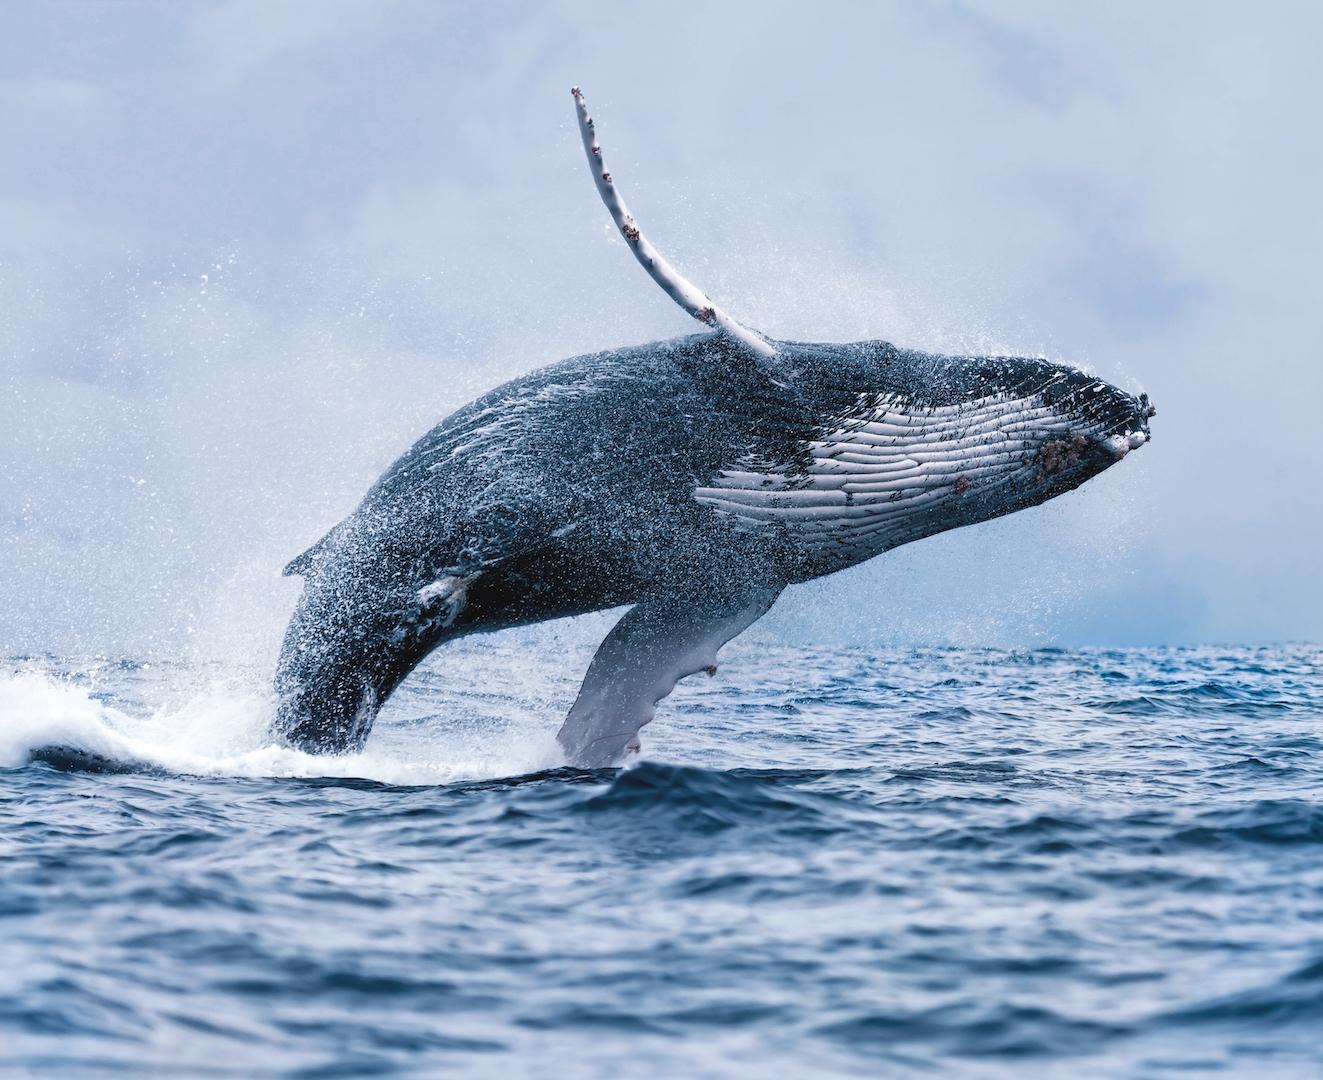 การล่องเรือชมวาฬสุดคุ้มจากเรคยากวิกนี้ คุณสามารถเห็นวาฬหลังค่อม กระโดดขึ้นมาจากน้ำ ในท่าที่สวยงามนี้ได้.